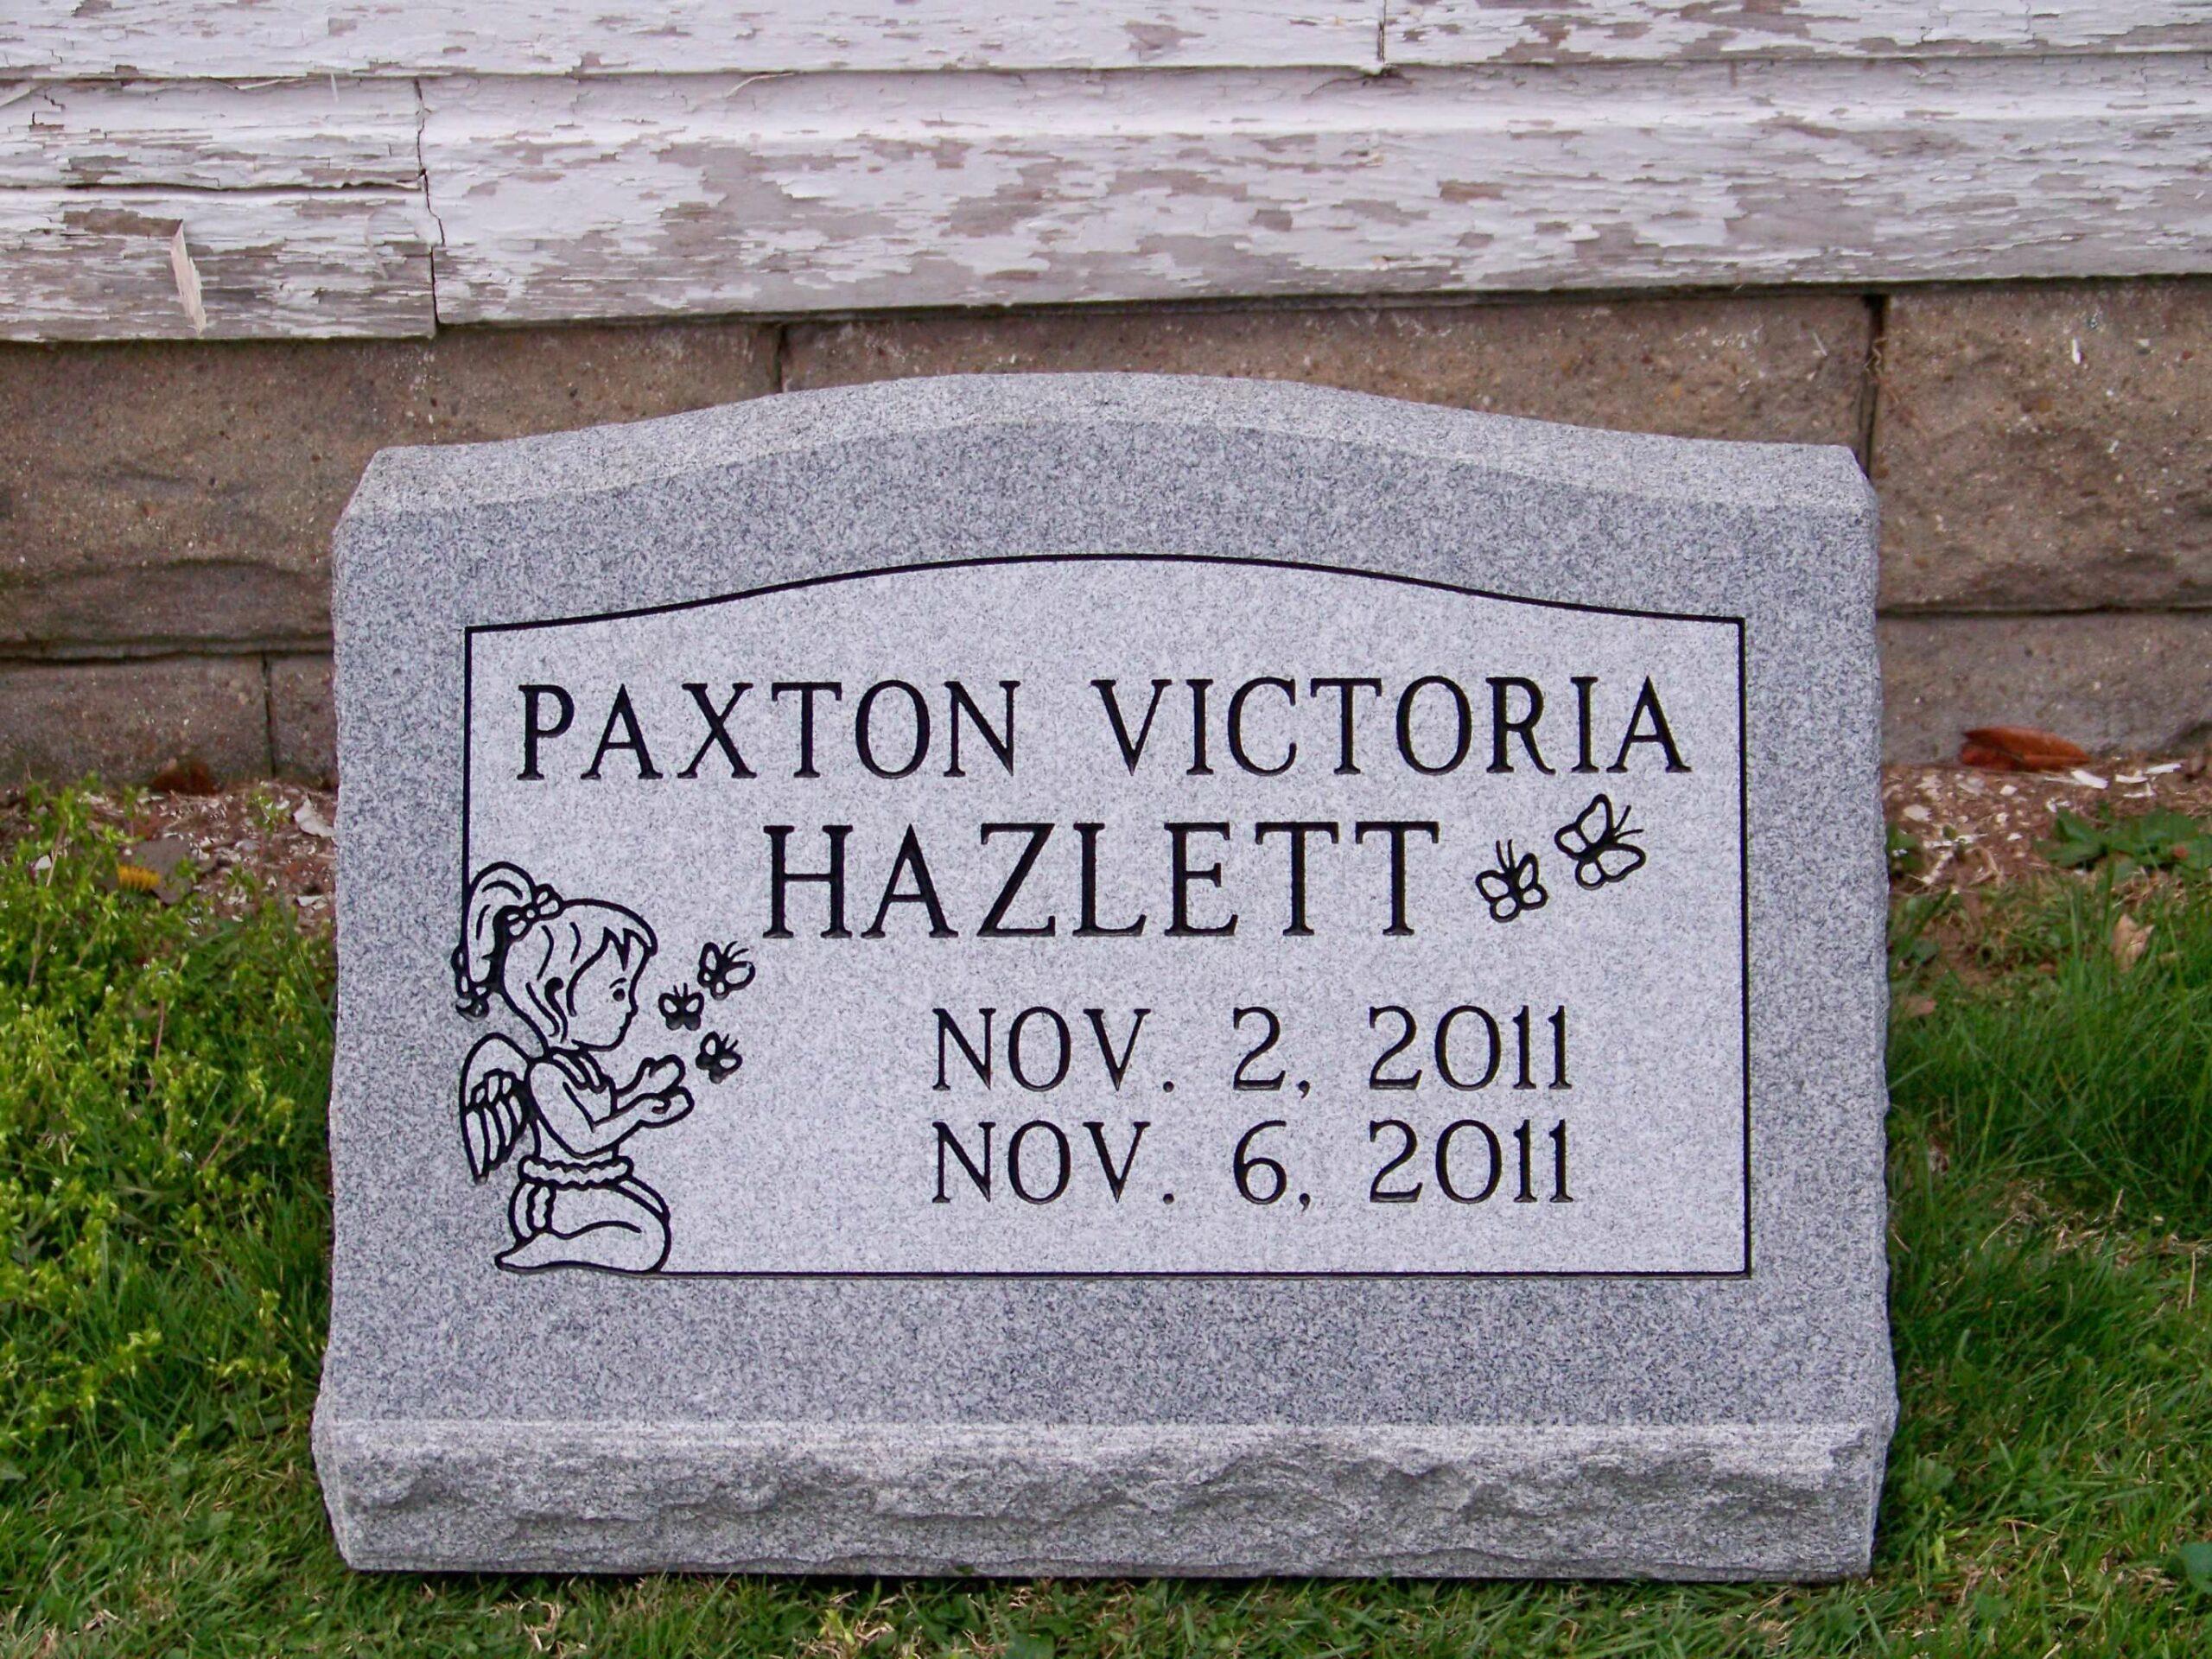 Hazlett, Paxton Victoria- Friends